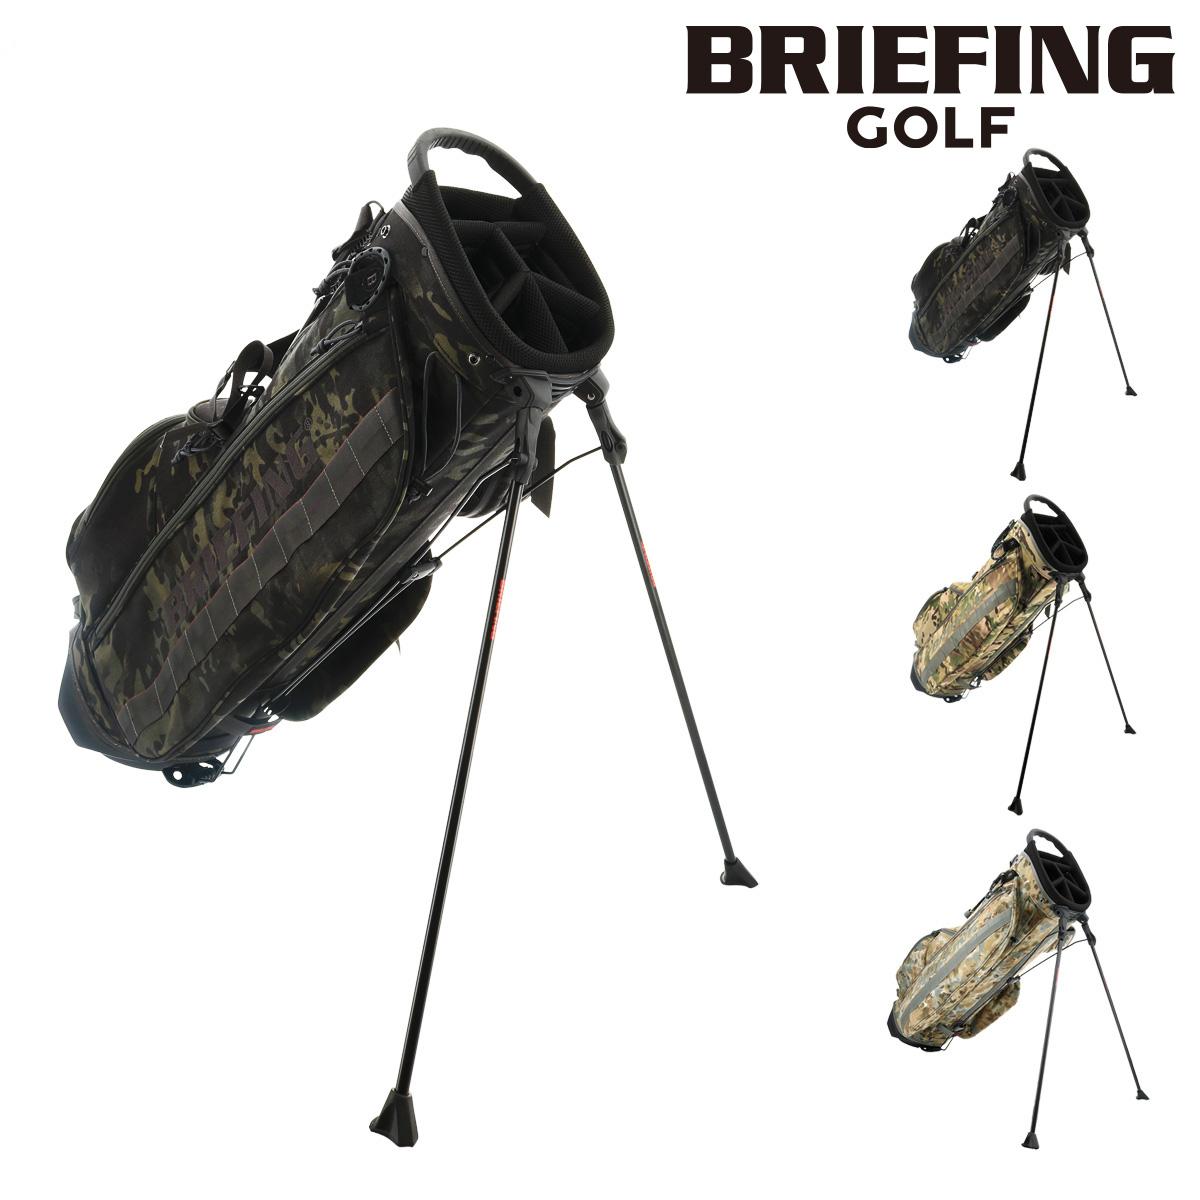 ブリーフィング ゴルフバッグ キャディバッグ メンズ BRG191D02 BRIEFING | 撥水 ゴルフ[即日発送][PO10]